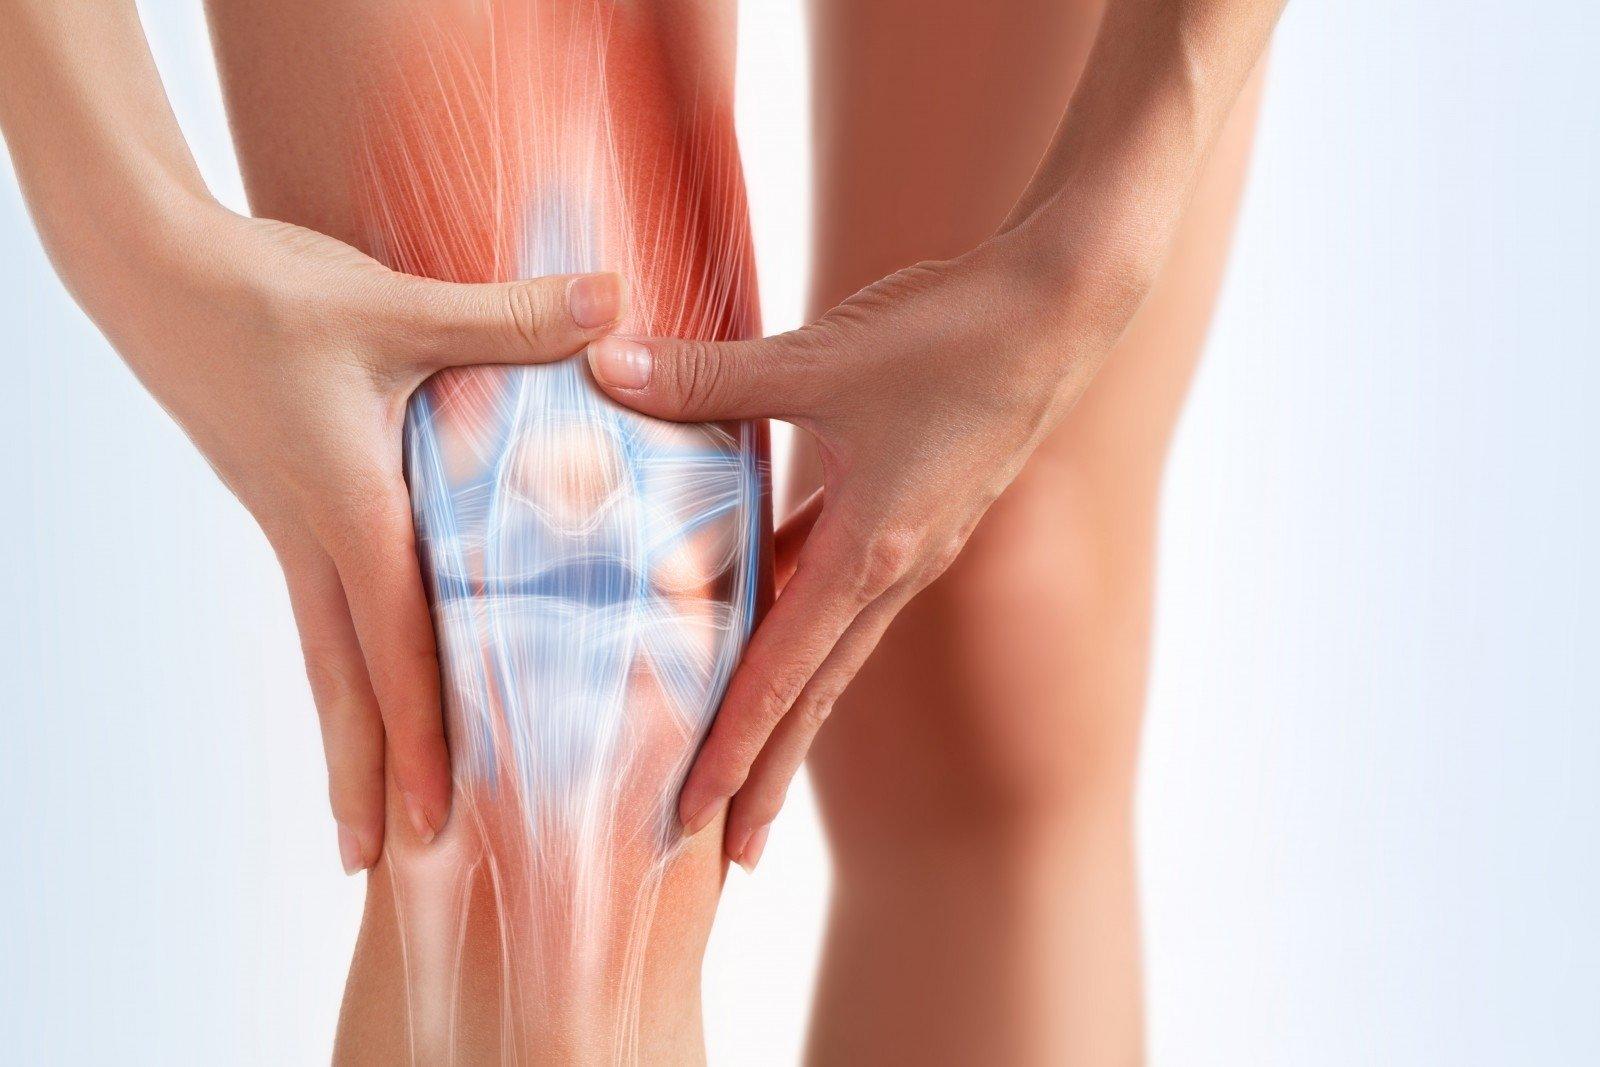 liga kodėl sąnarių vaistai nuo koju skausmo